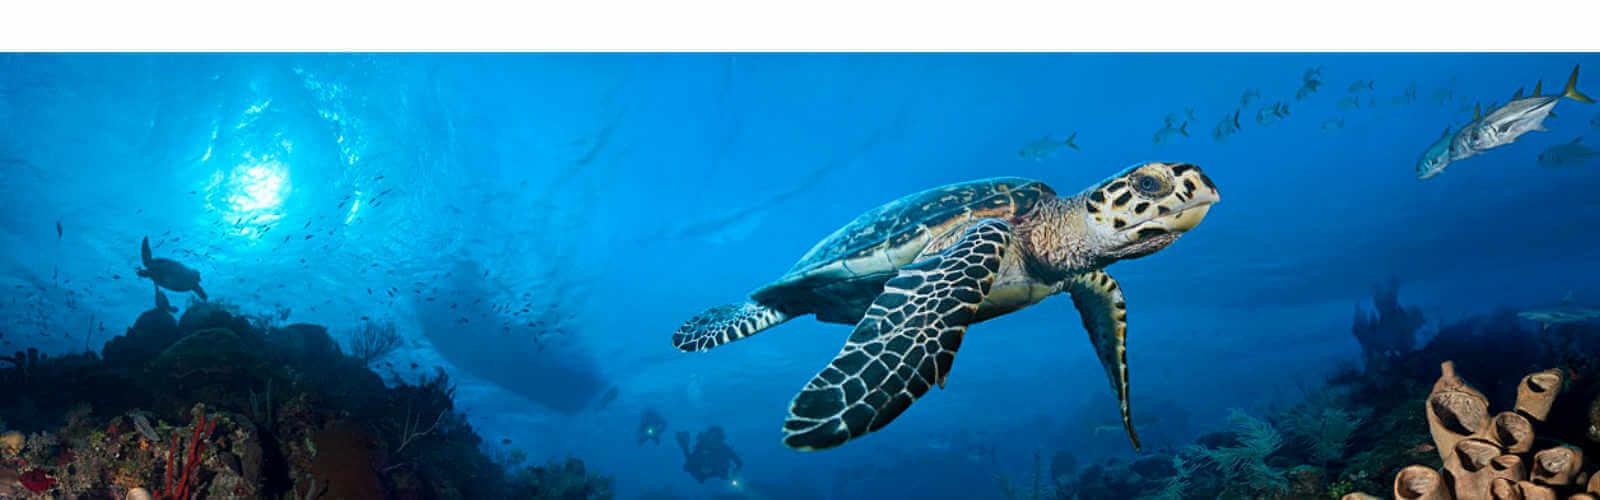 Marine Life - Ocean Frontiers